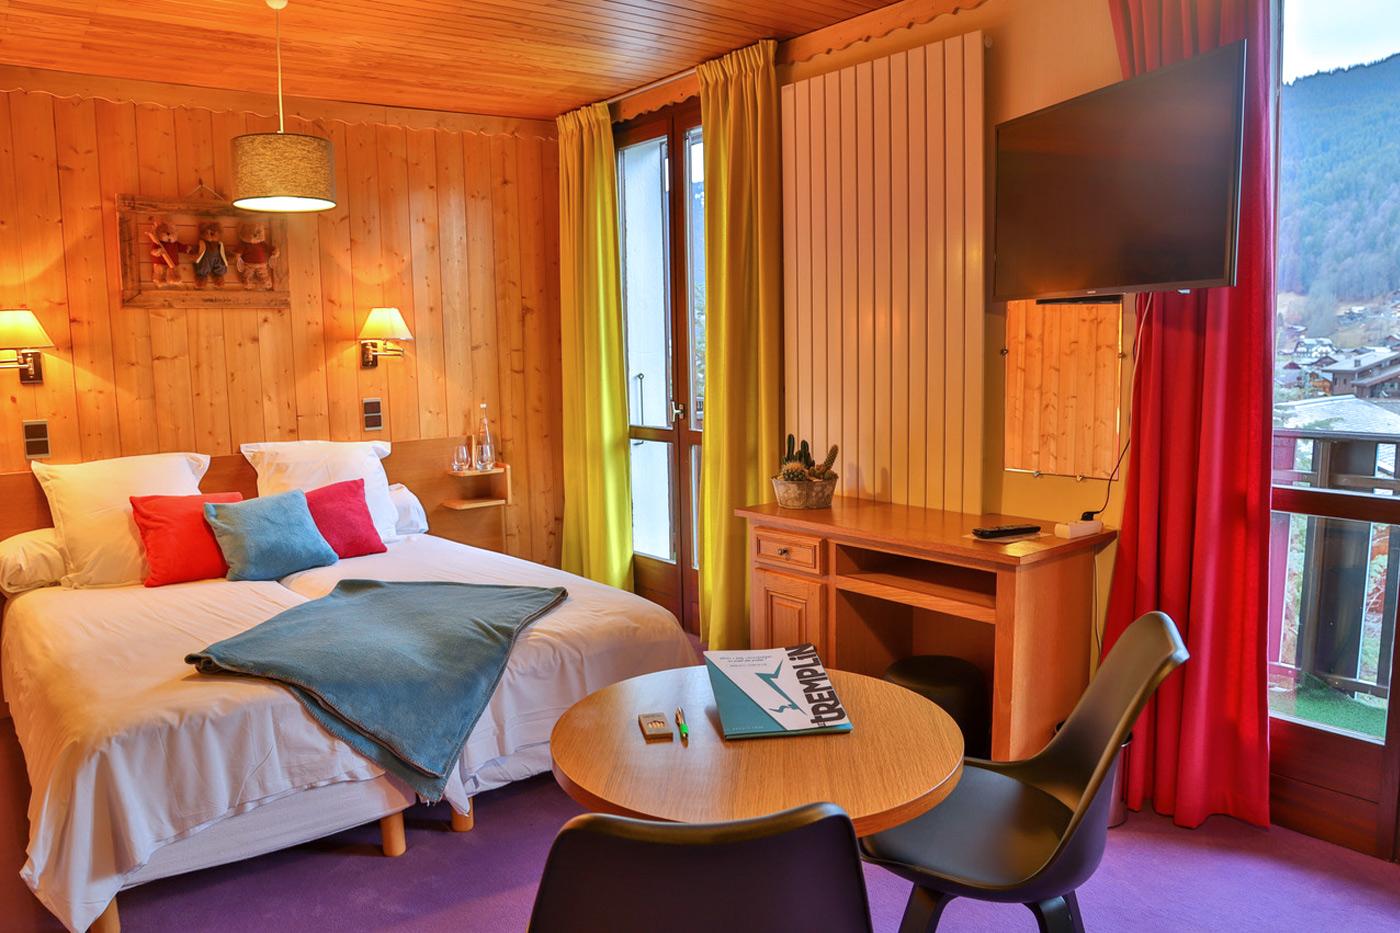 Chambres Hôtel Le Tremplin, Morzine